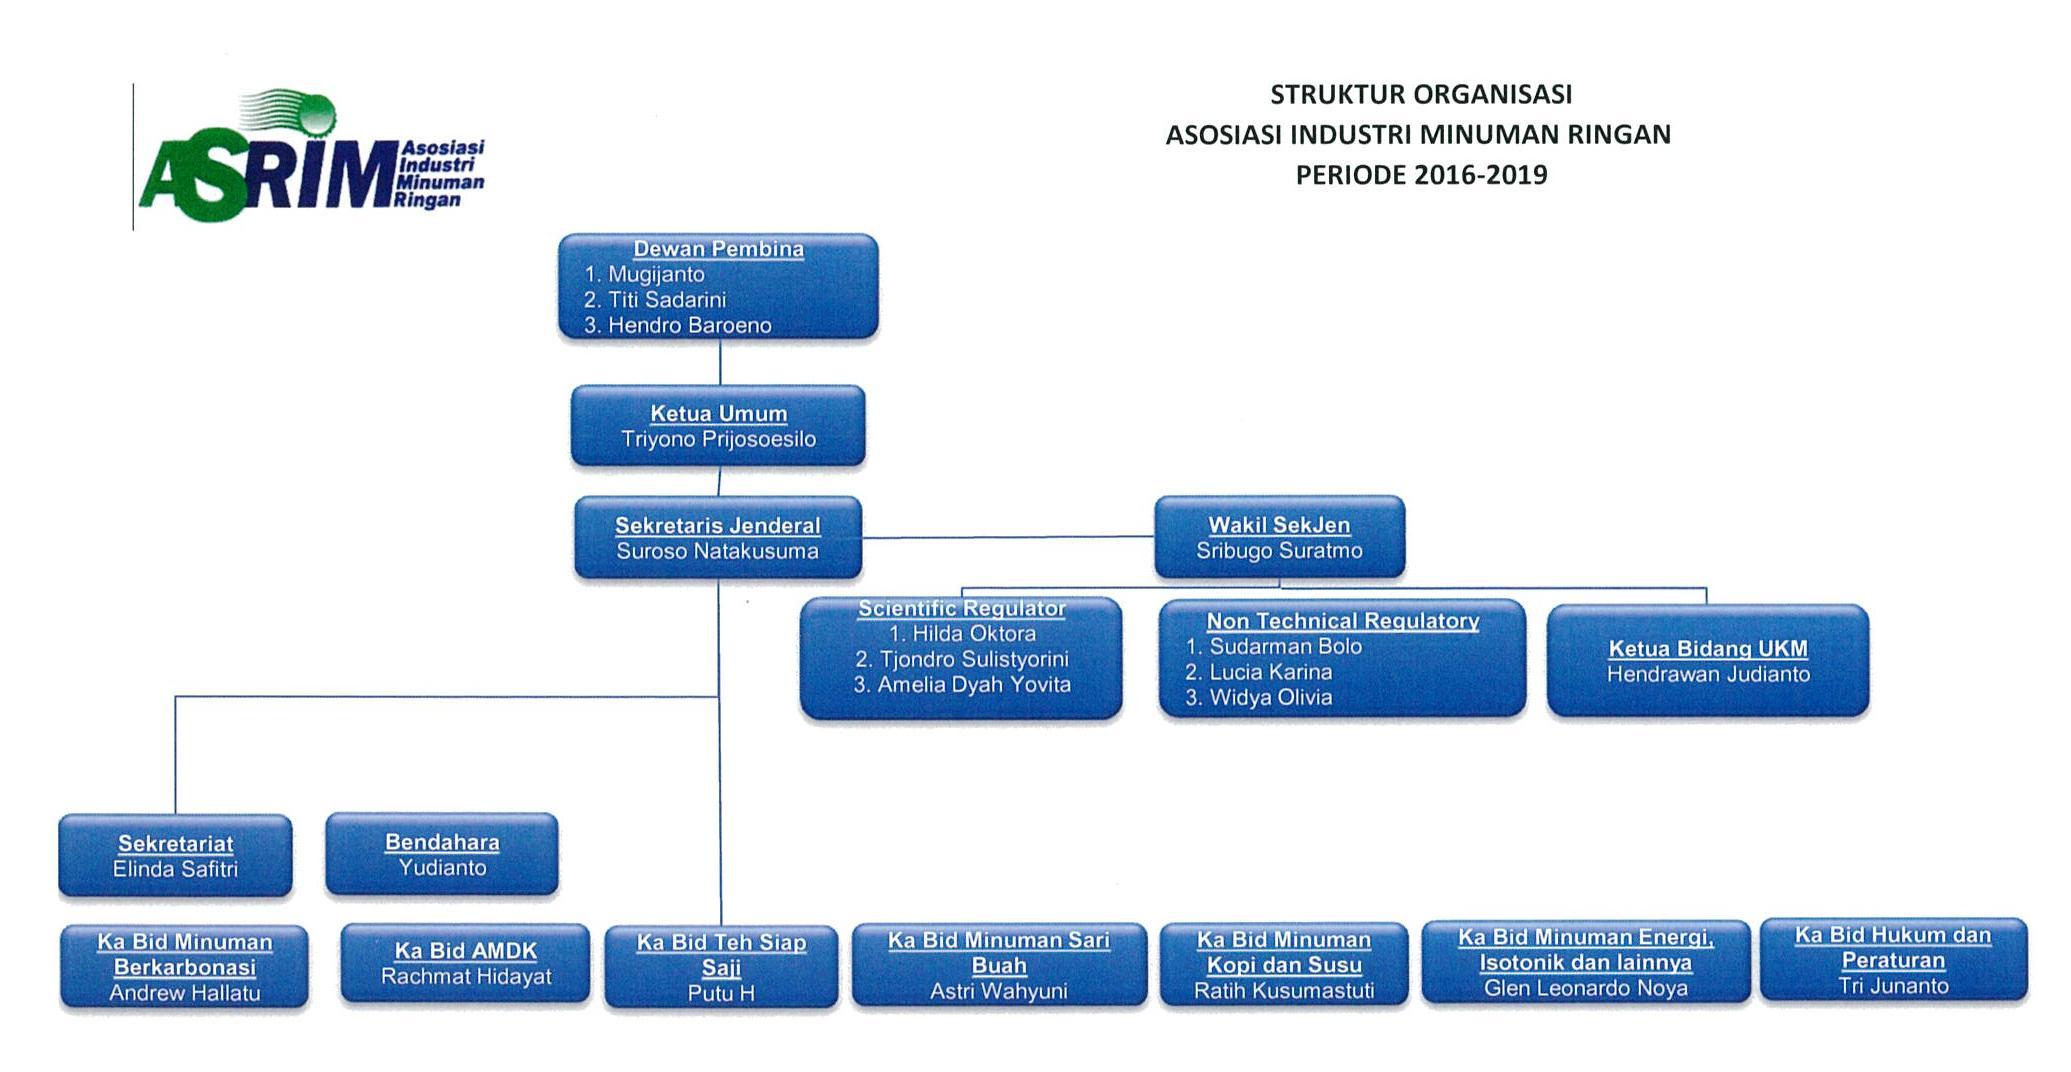 struktur-organisasi-asrim-2016-2019